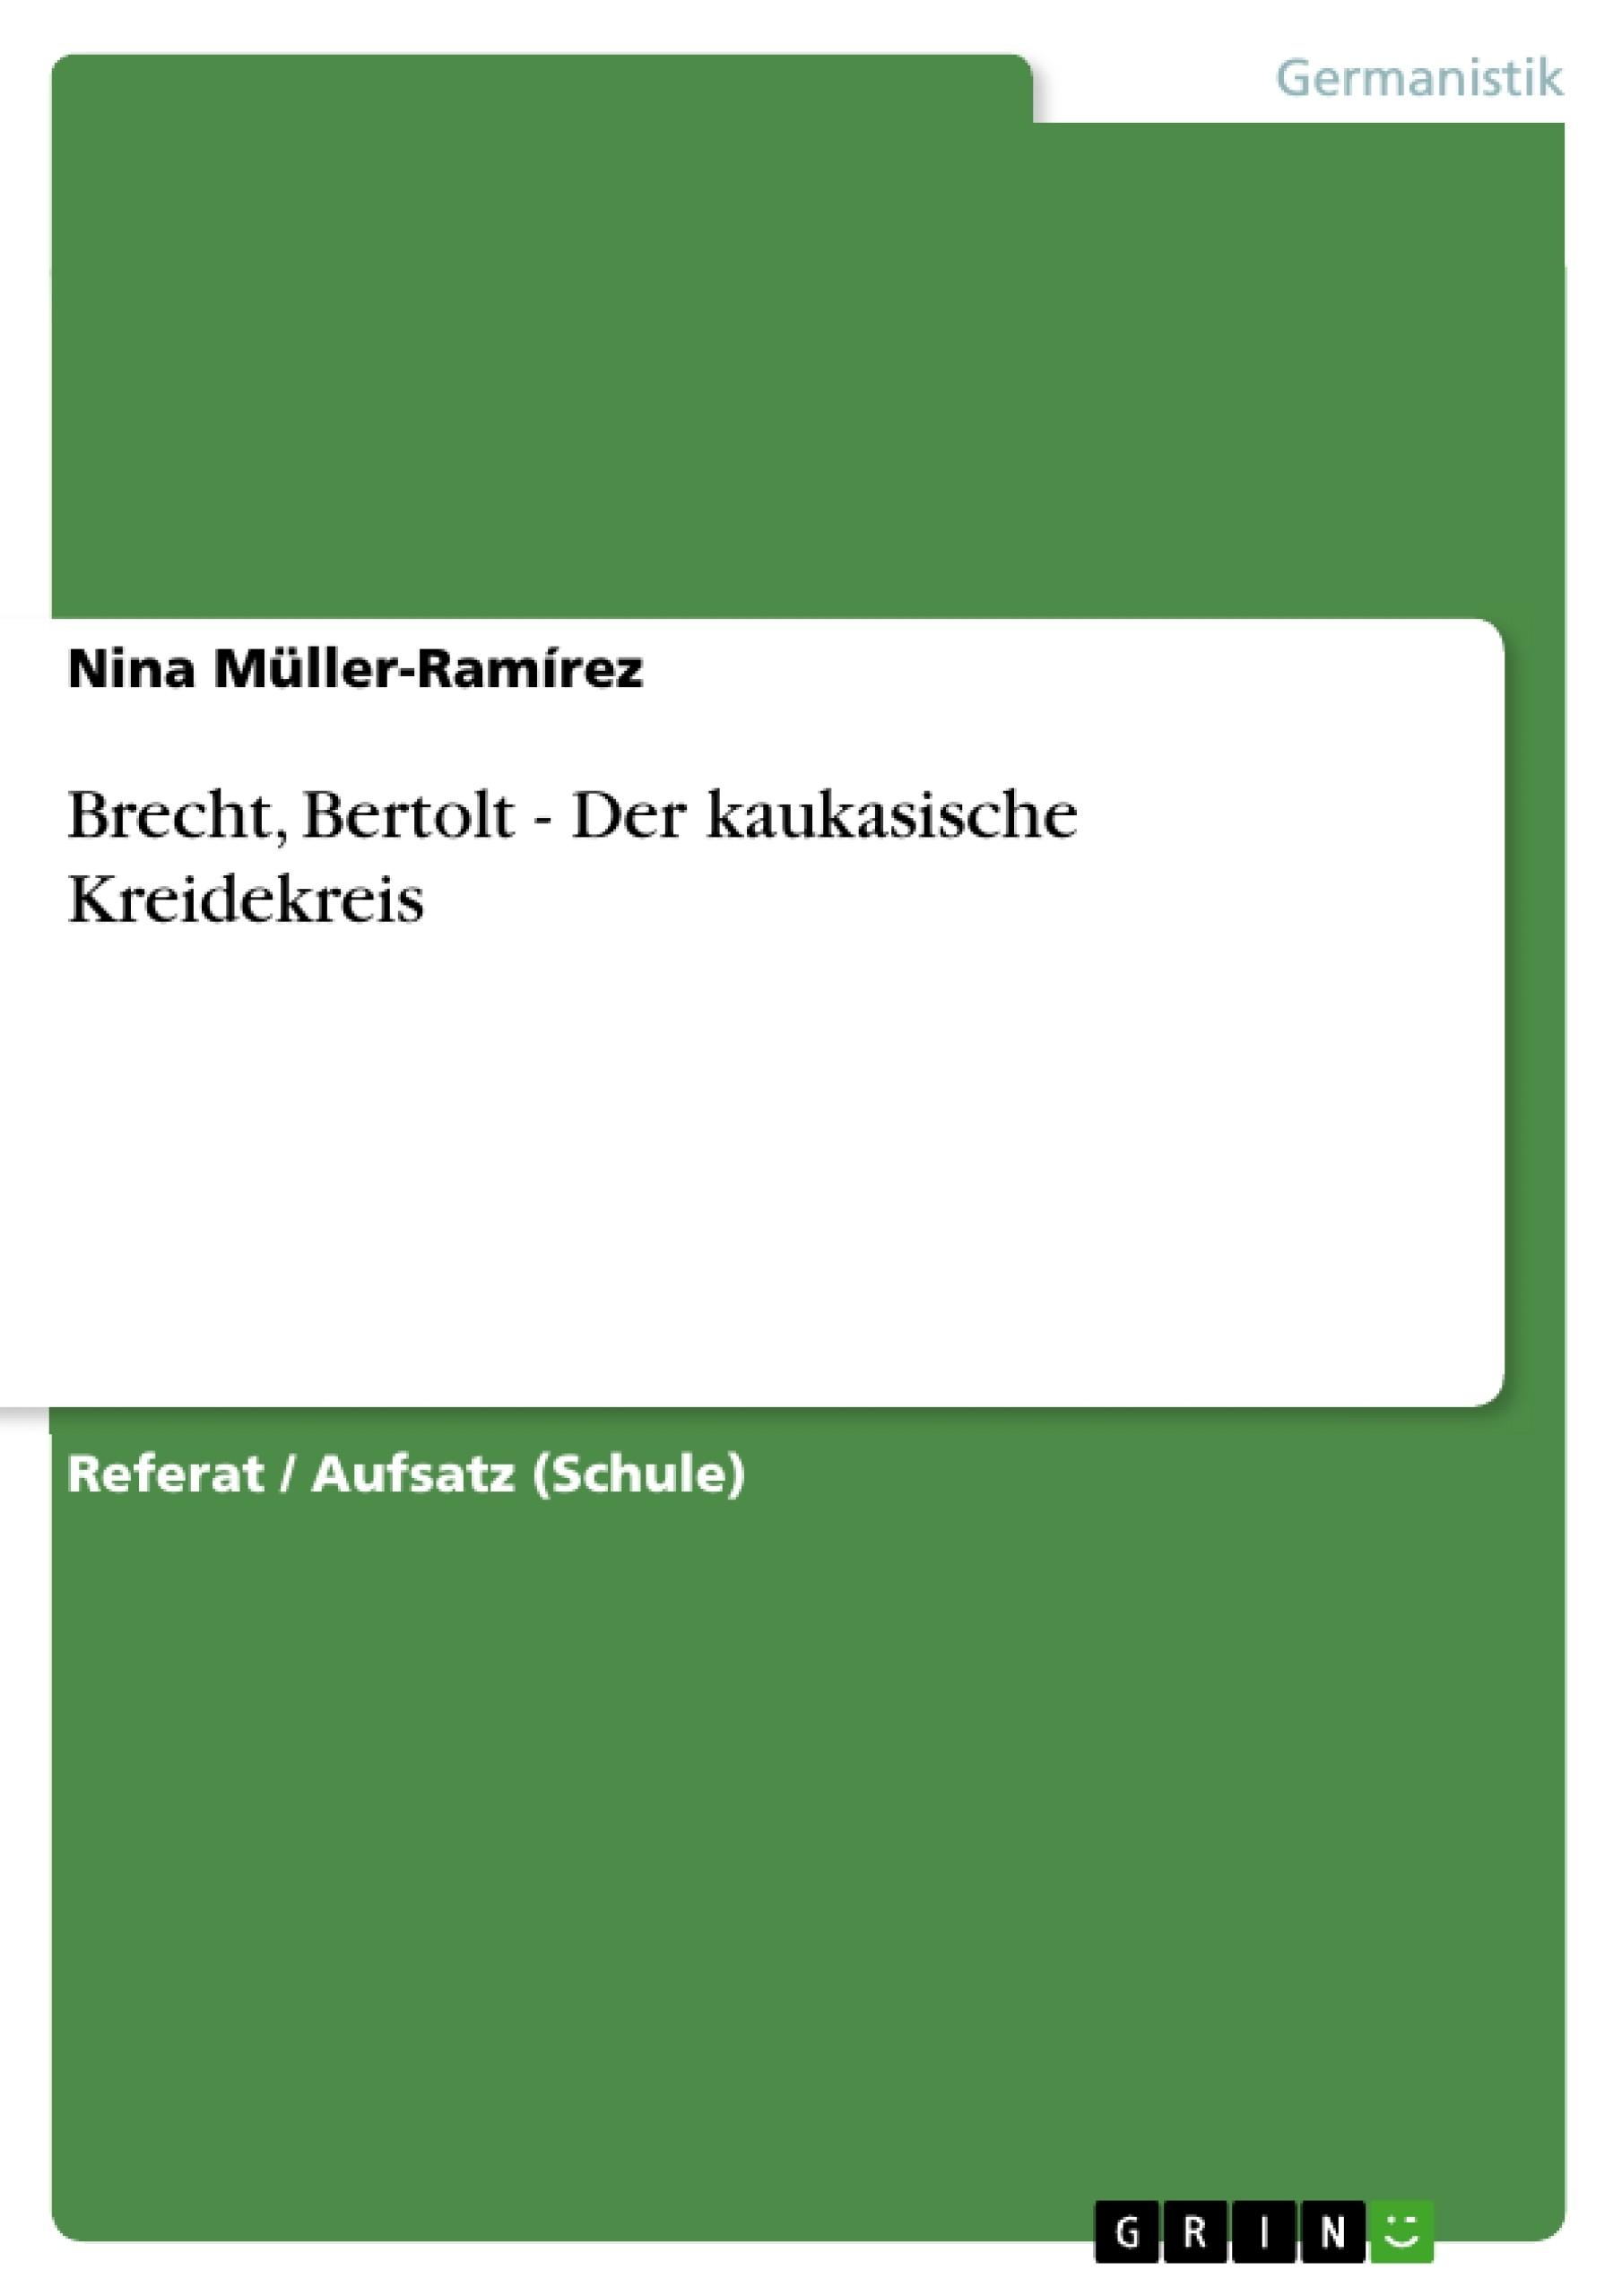 Titel: Brecht, Bertolt - Der kaukasische Kreidekreis